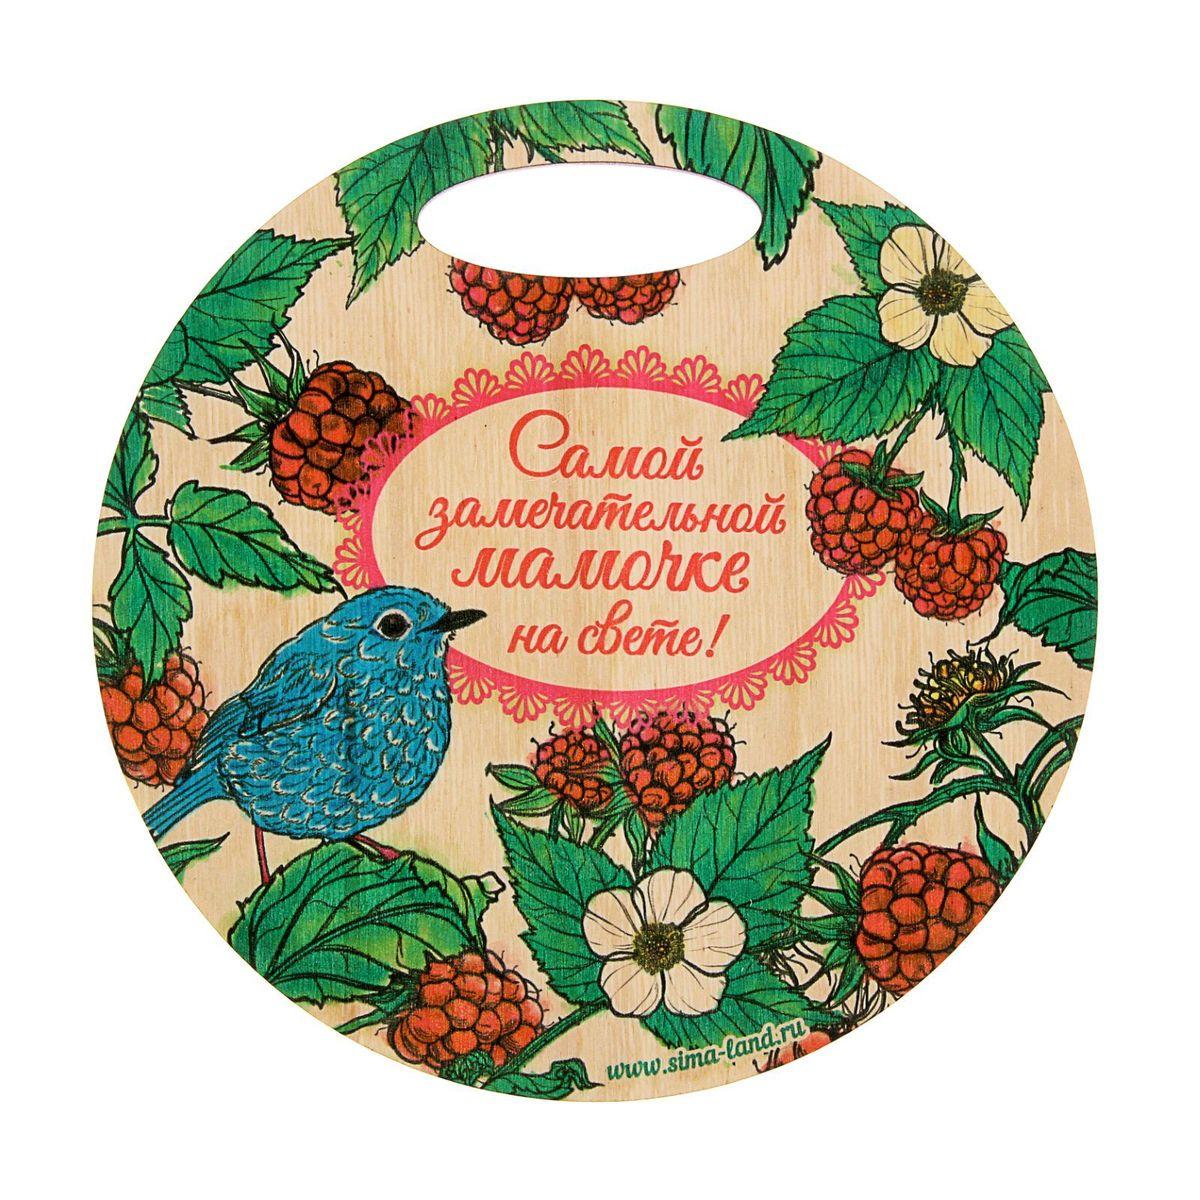 Доска разделочная Sima-land Мамочке, диаметр 24 см54 009312Разделочная доска Sima-land Мамочке - это один из самых необходимых предметов на кухне, без нее трудно обойтись при приготовлении пищи. Но кроме своей необходимости, она может приносить и эстетическое удовольствие, украшая собой интерьер кухни. Доска из дерева - приятный и функциональный подарок для тех, кто любит готовить.